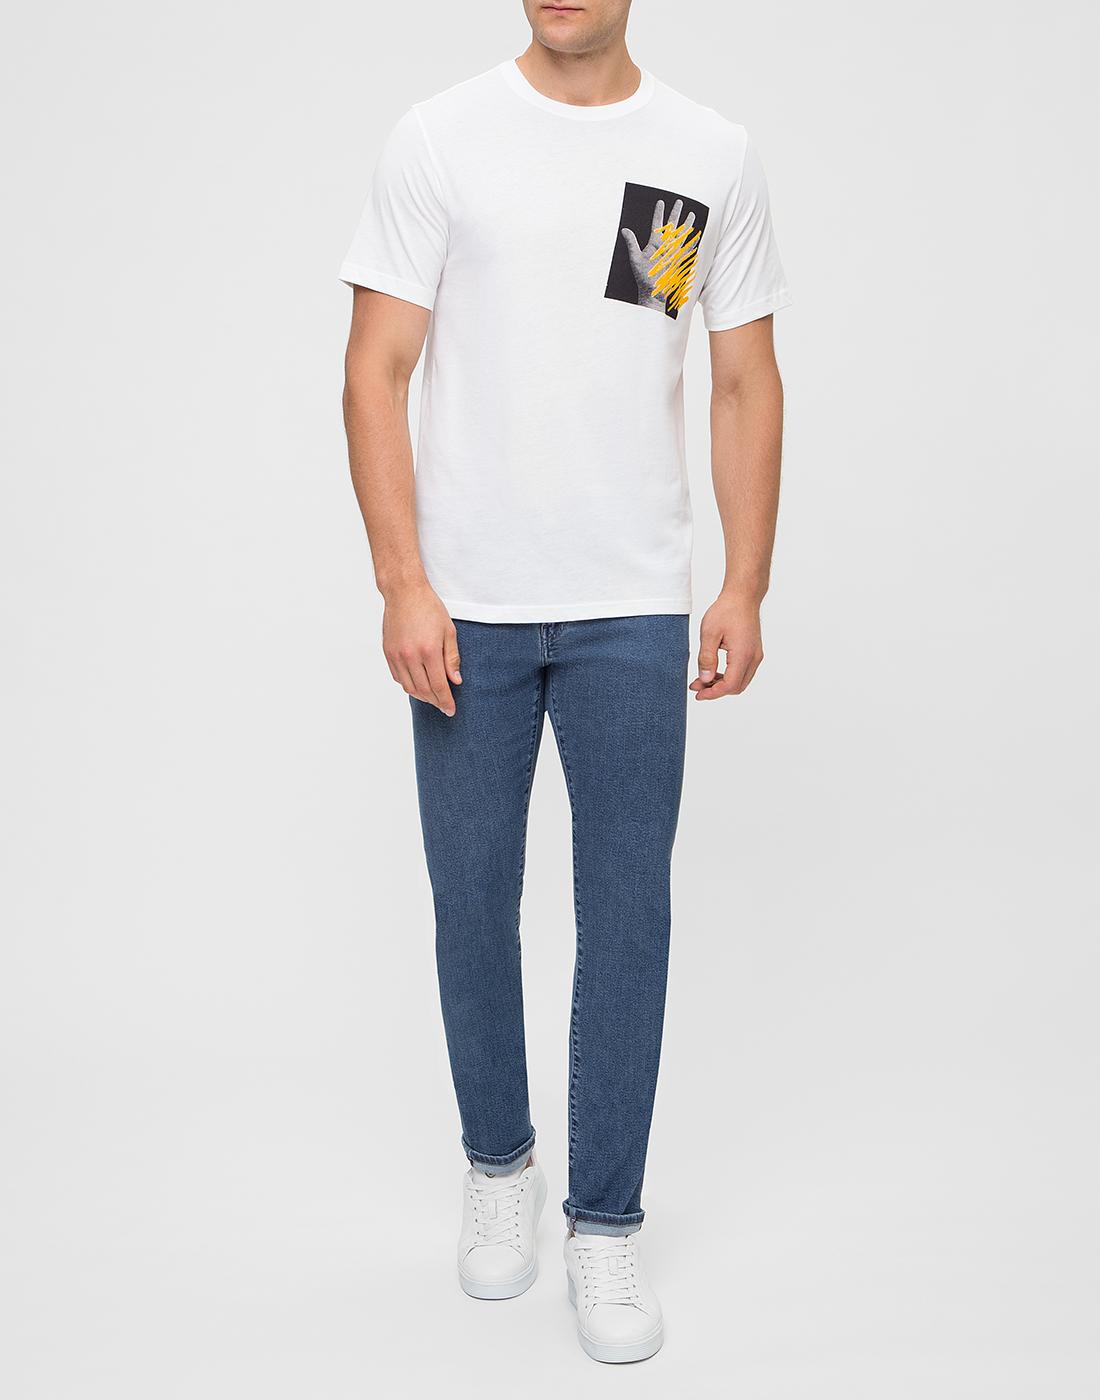 Мужские синие джинсы SOUL PT SOA11 MC35-5